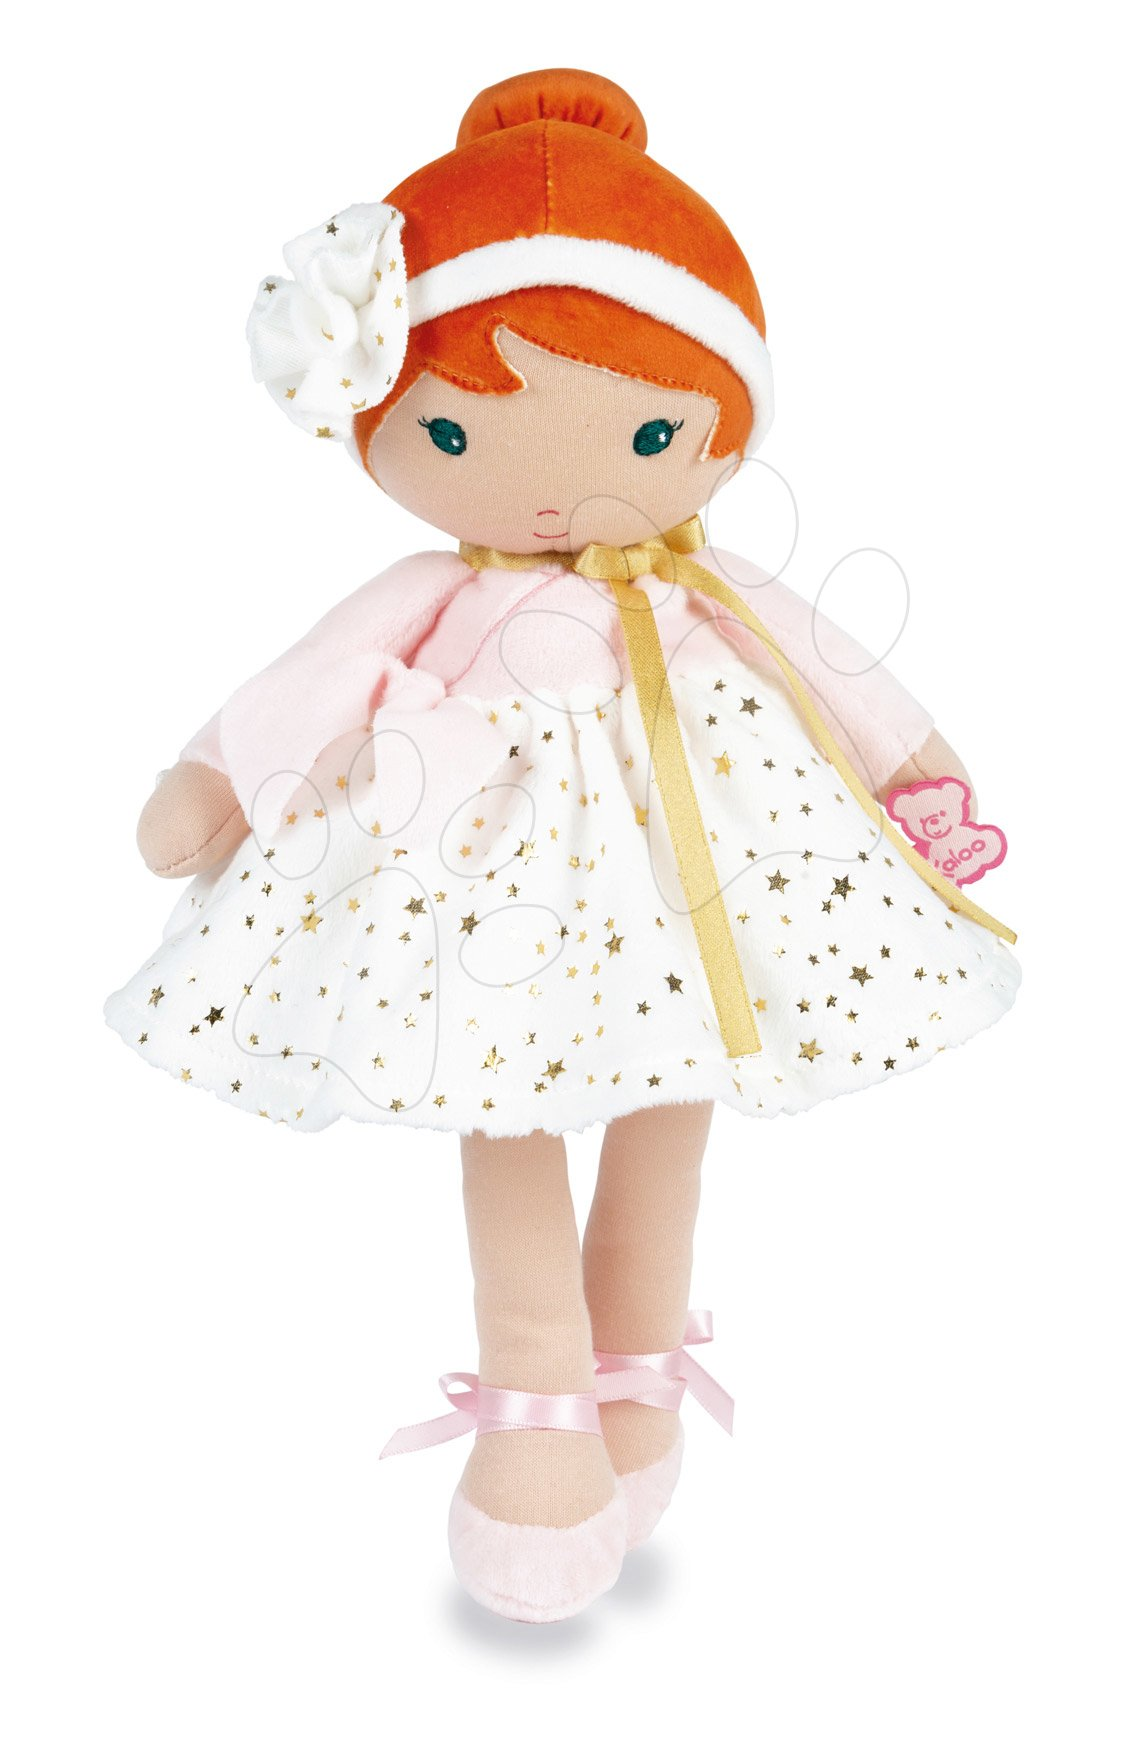 Bábika pre bábätká Valentine K Doll Tendresse Kaloo 32 cm vo hviezdičkových šatách z jemného textilu v darčekovom balení od 0 mes